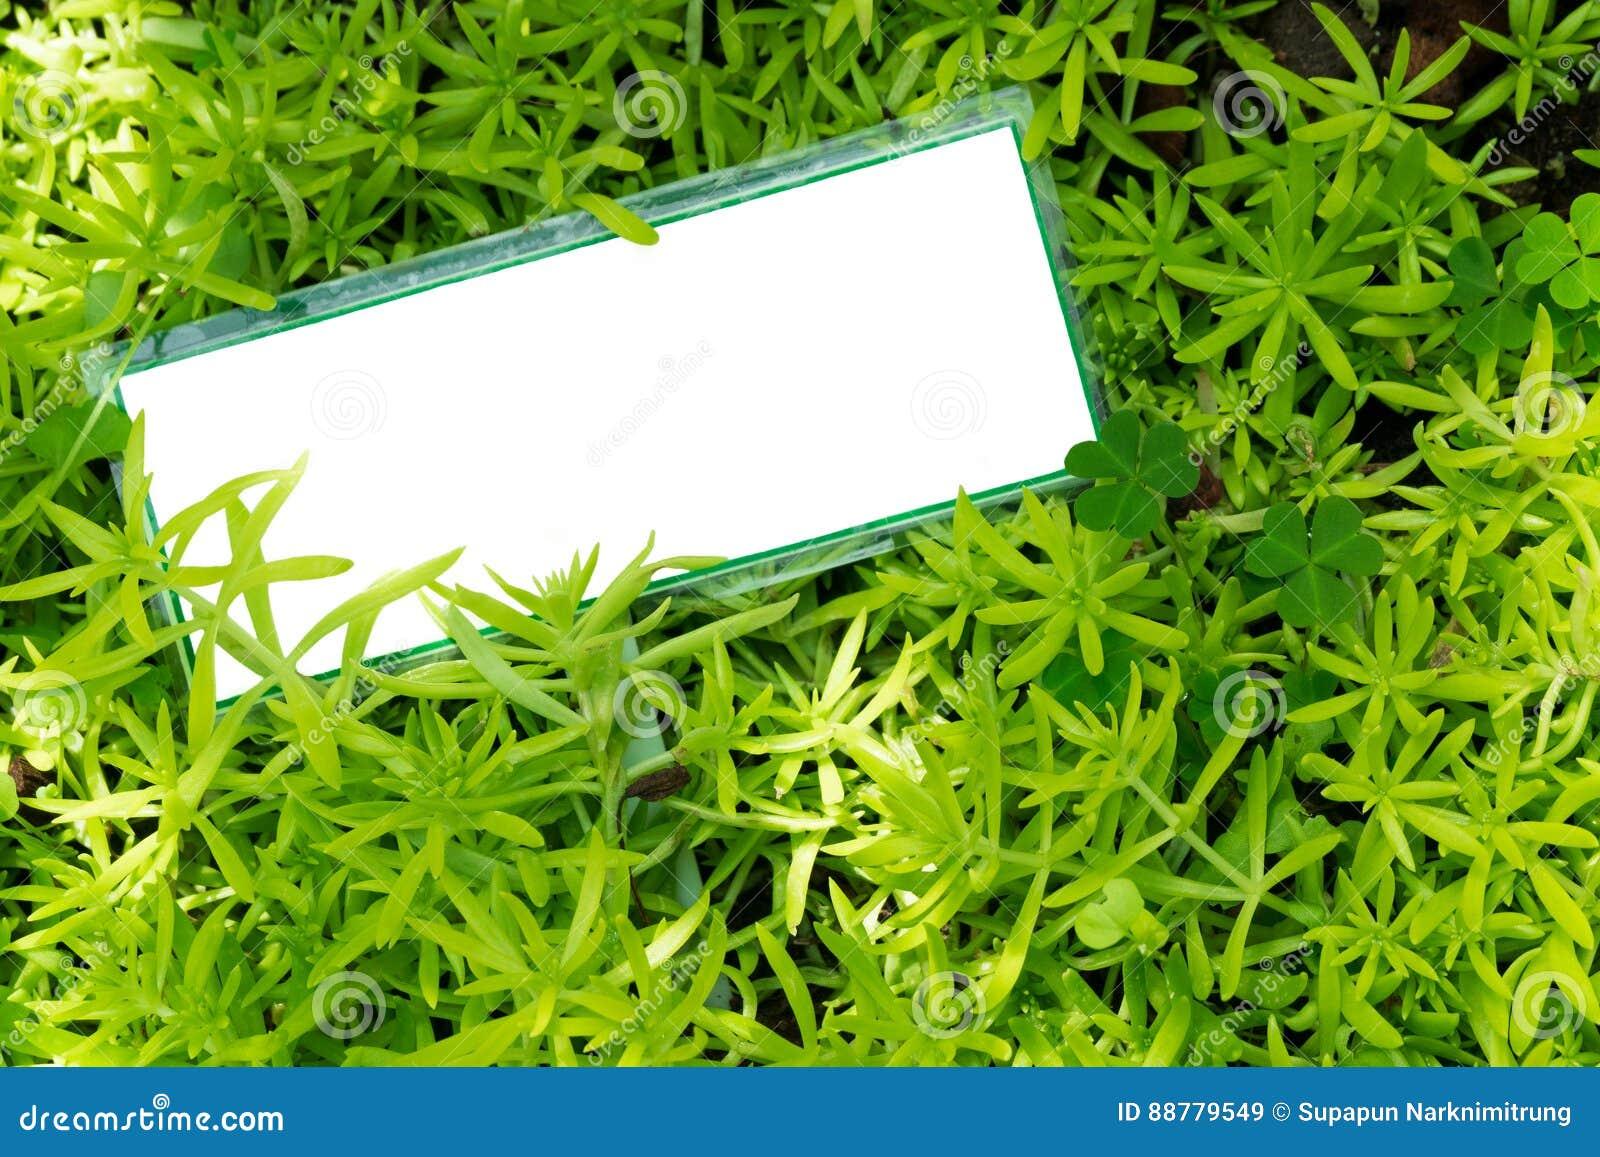 Κενή άσπρη αφίσσα στις μικρές πράσινες εγκαταστάσεις Crassulaceae succulent, sedum angelina